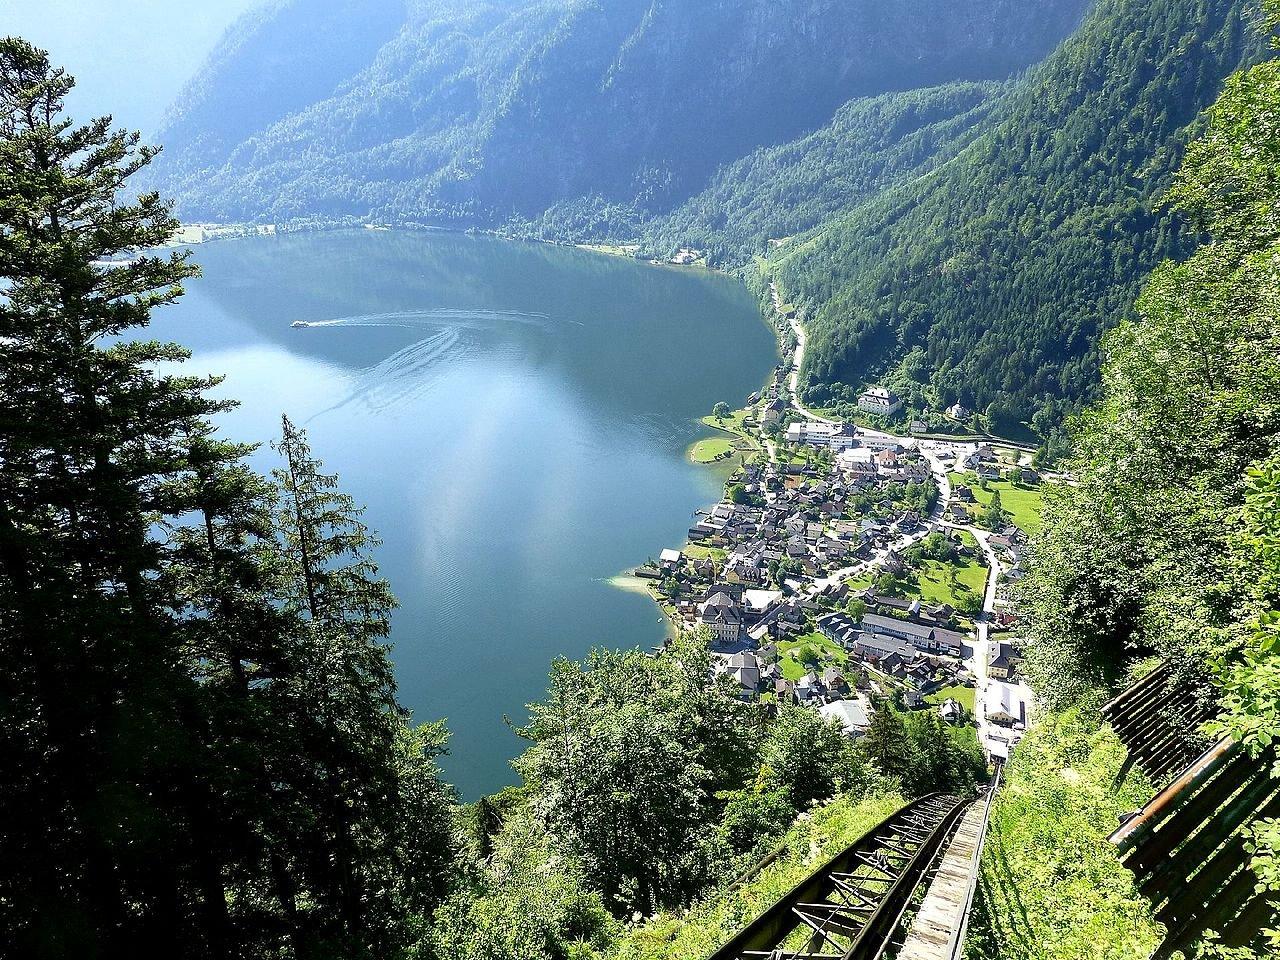 زيارة الى بحيرة هاليشتات سي النمساوية 5508827